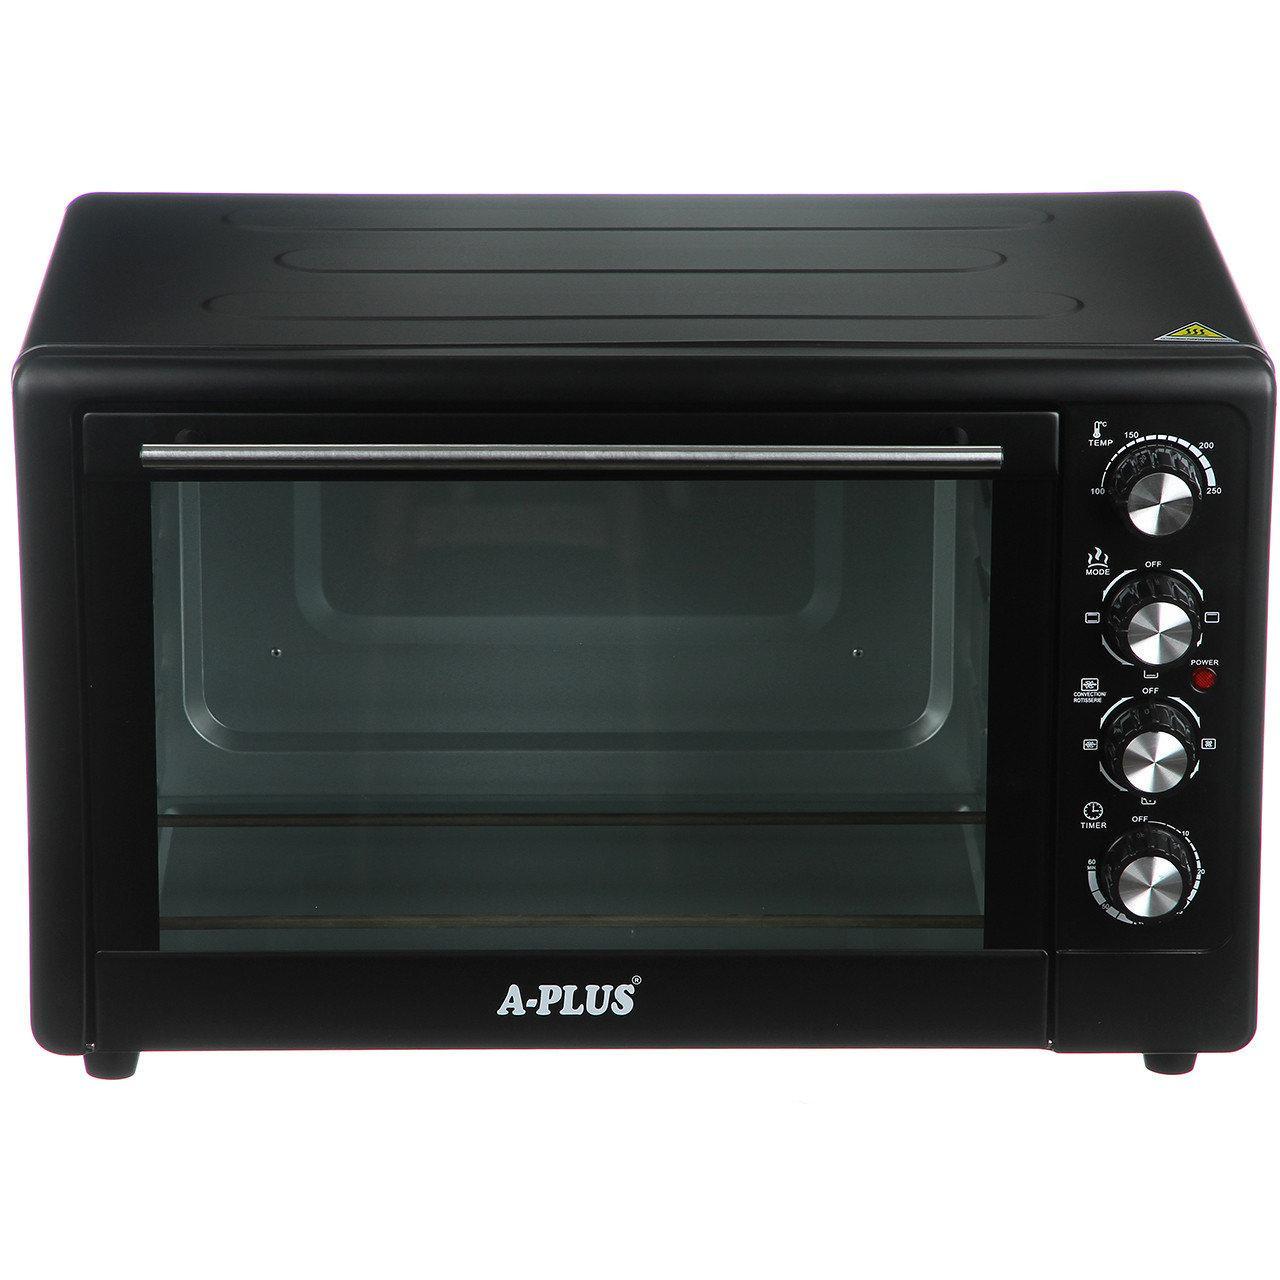 Электрическая печь A-PLUS на 49 литров 2000 Ват